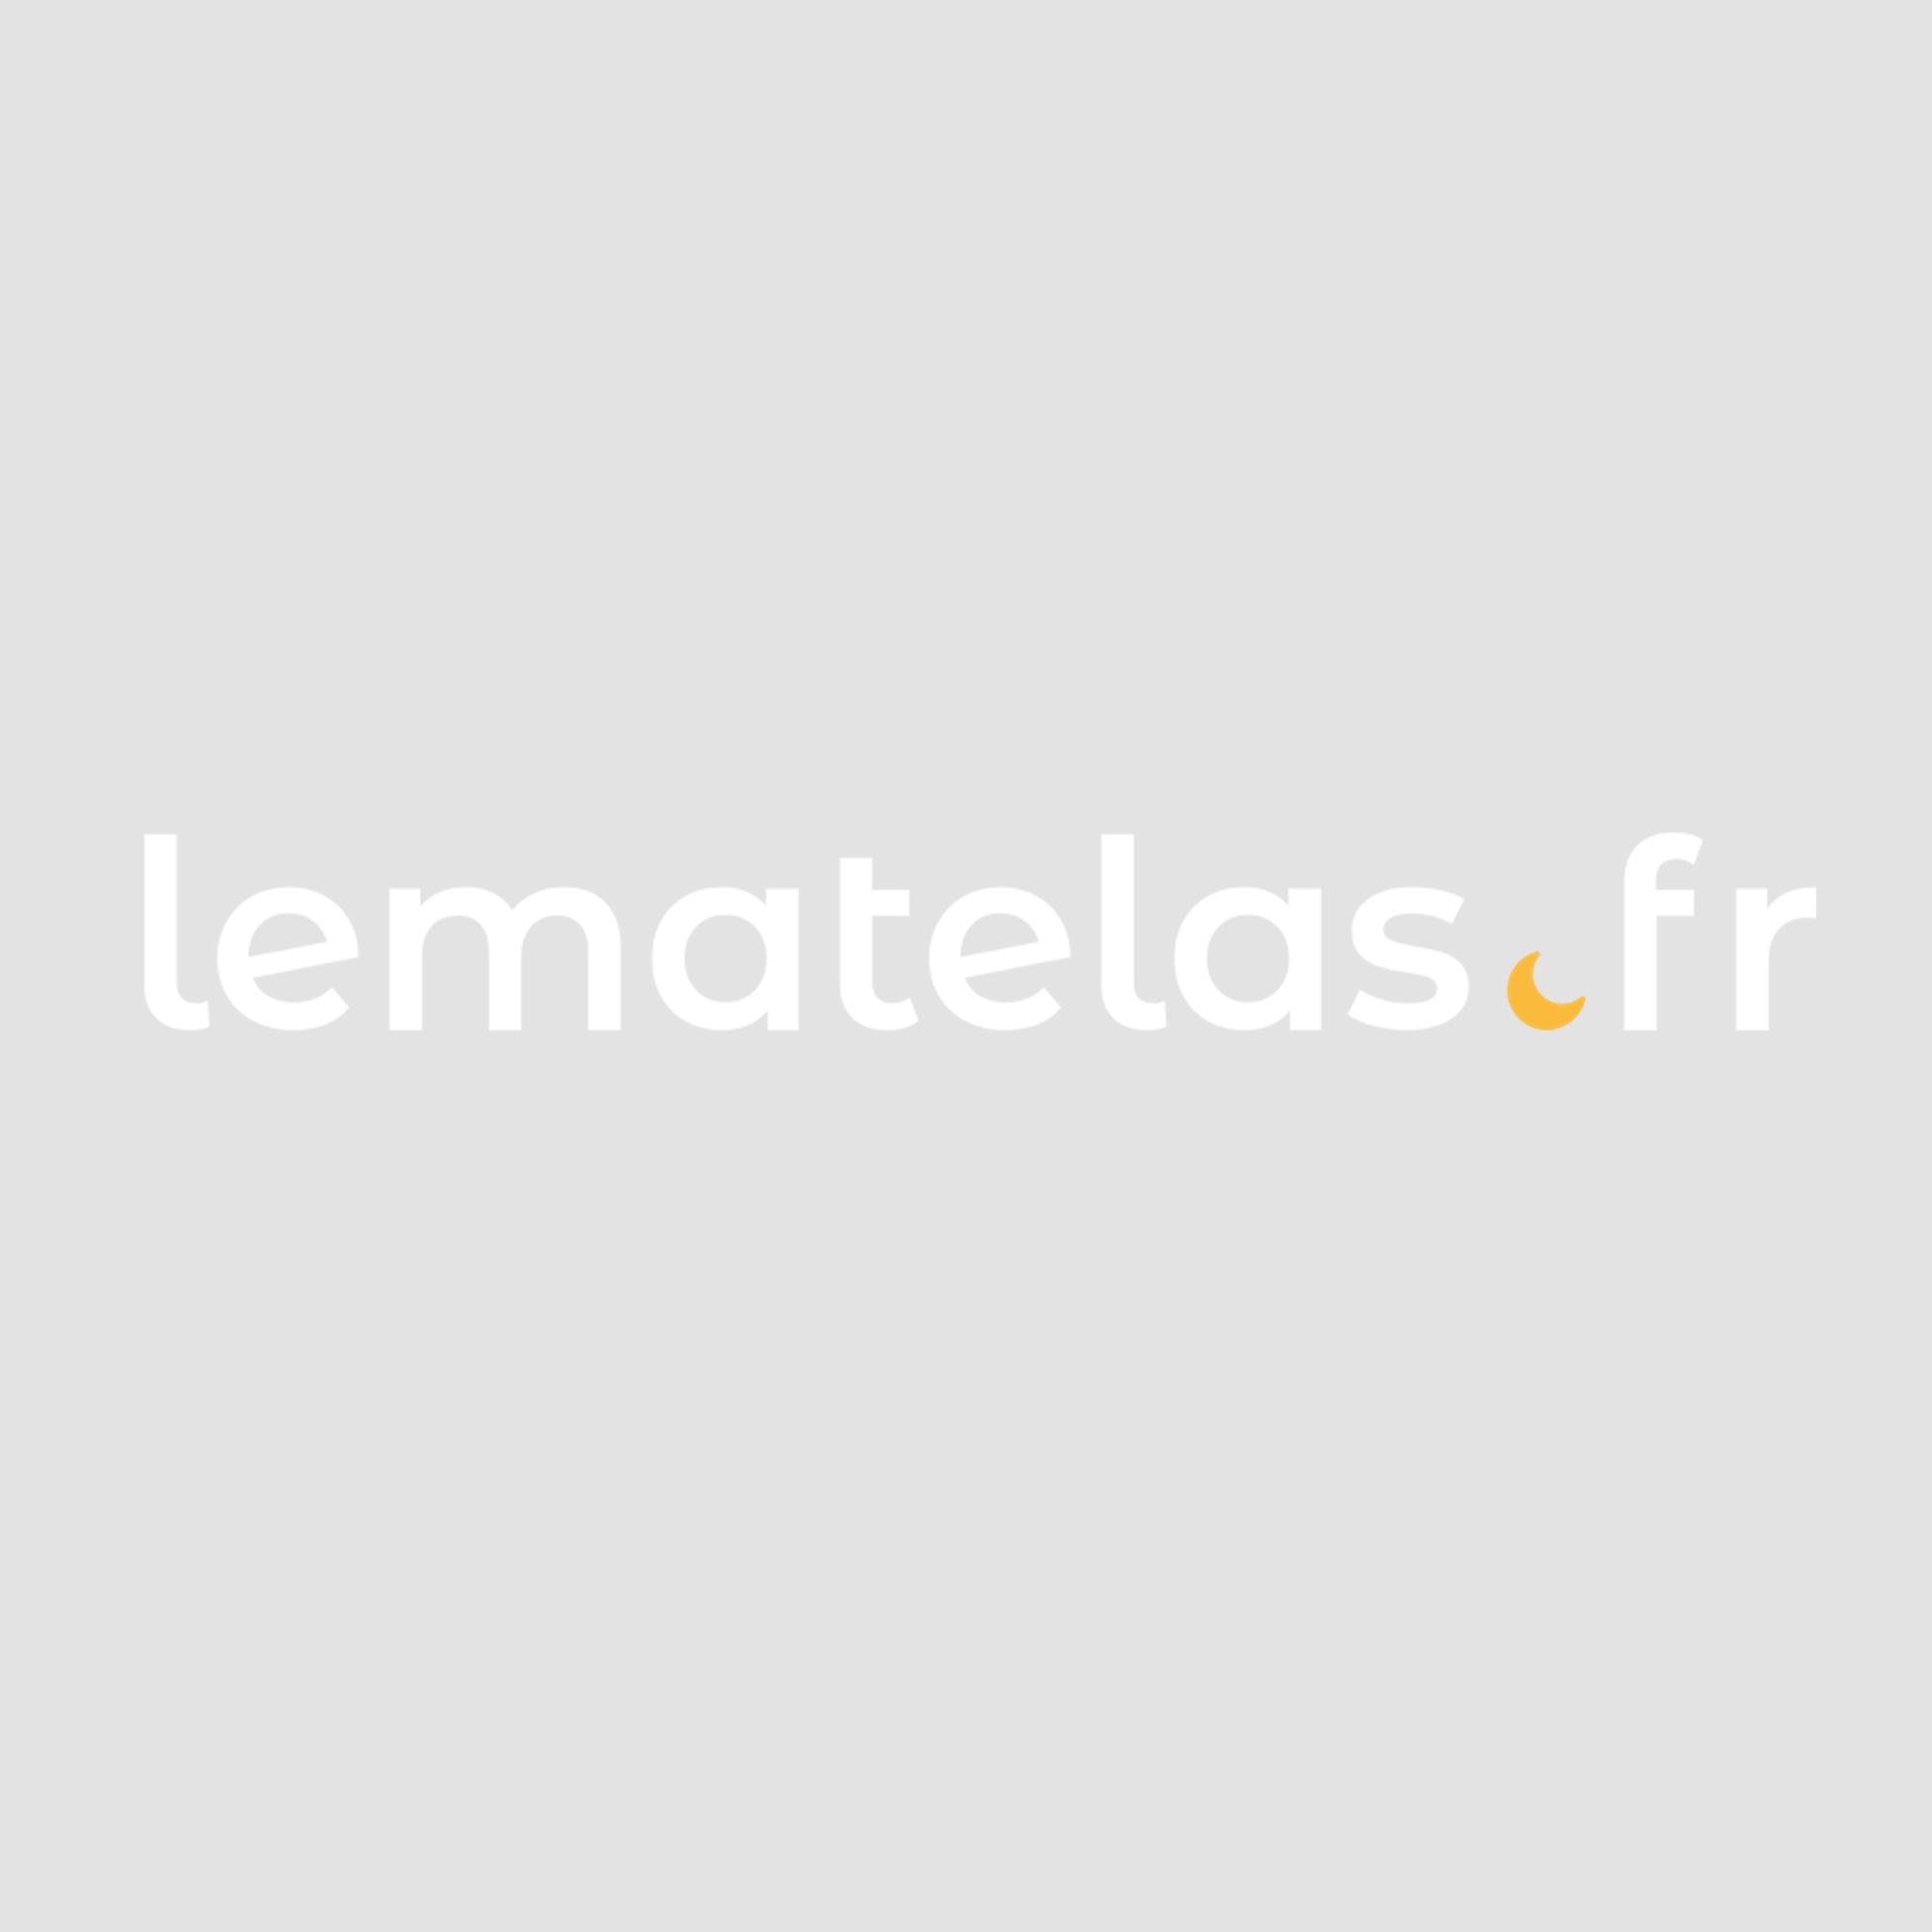 meubles chaussures en livraison gratuite. Black Bedroom Furniture Sets. Home Design Ideas